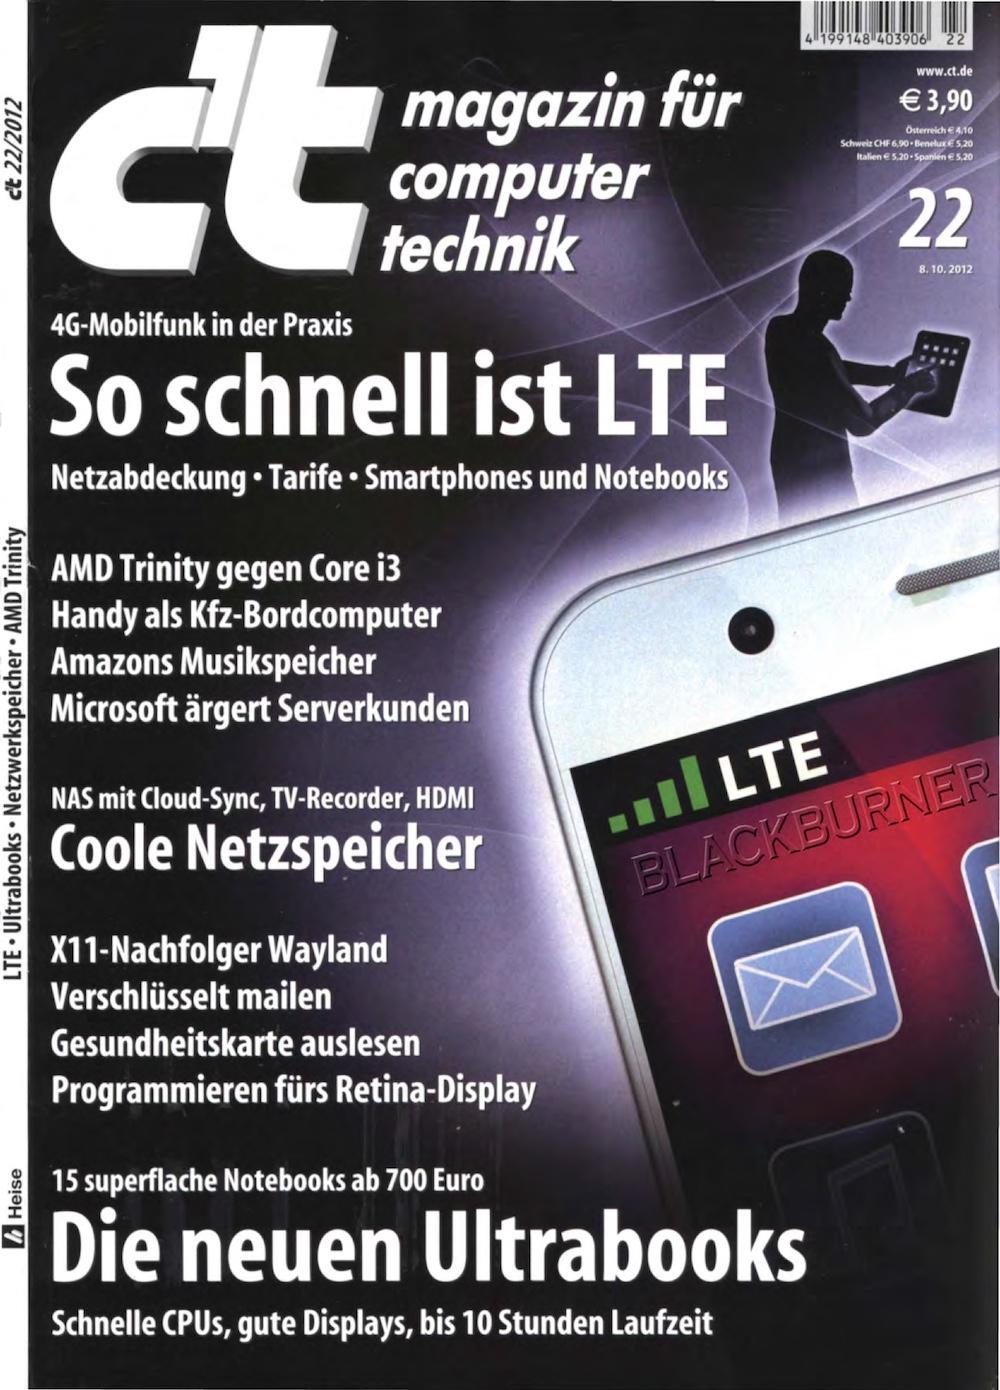 c't Magazin 2012-22